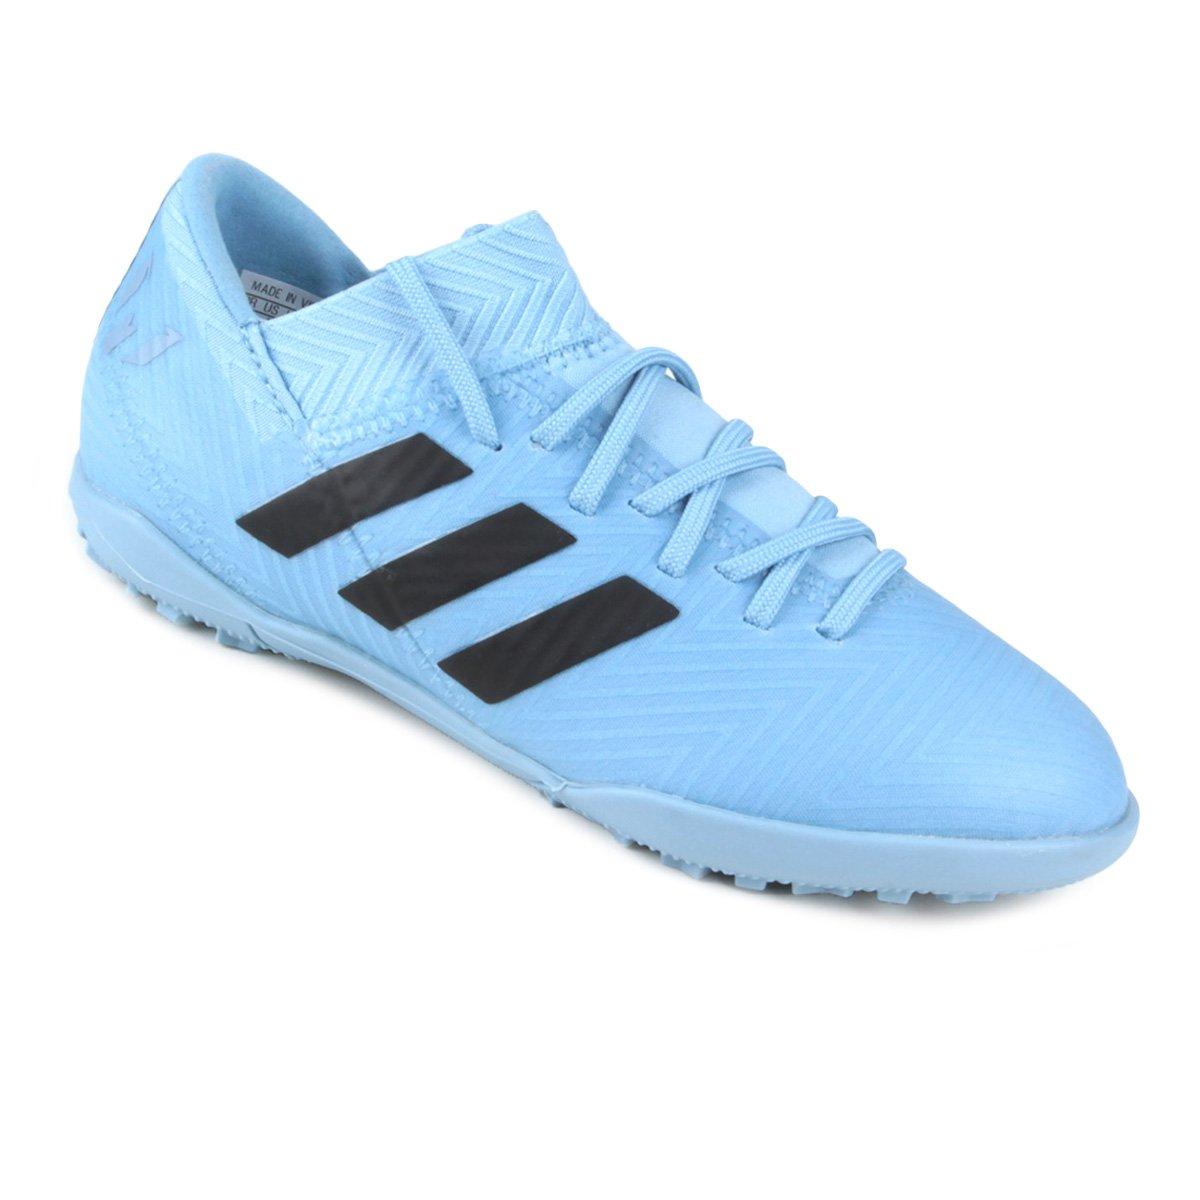 09889017d3b59 Chuteira Society Infantil Adidas Nemeziz Messi 18 3 TF - Compre Agora